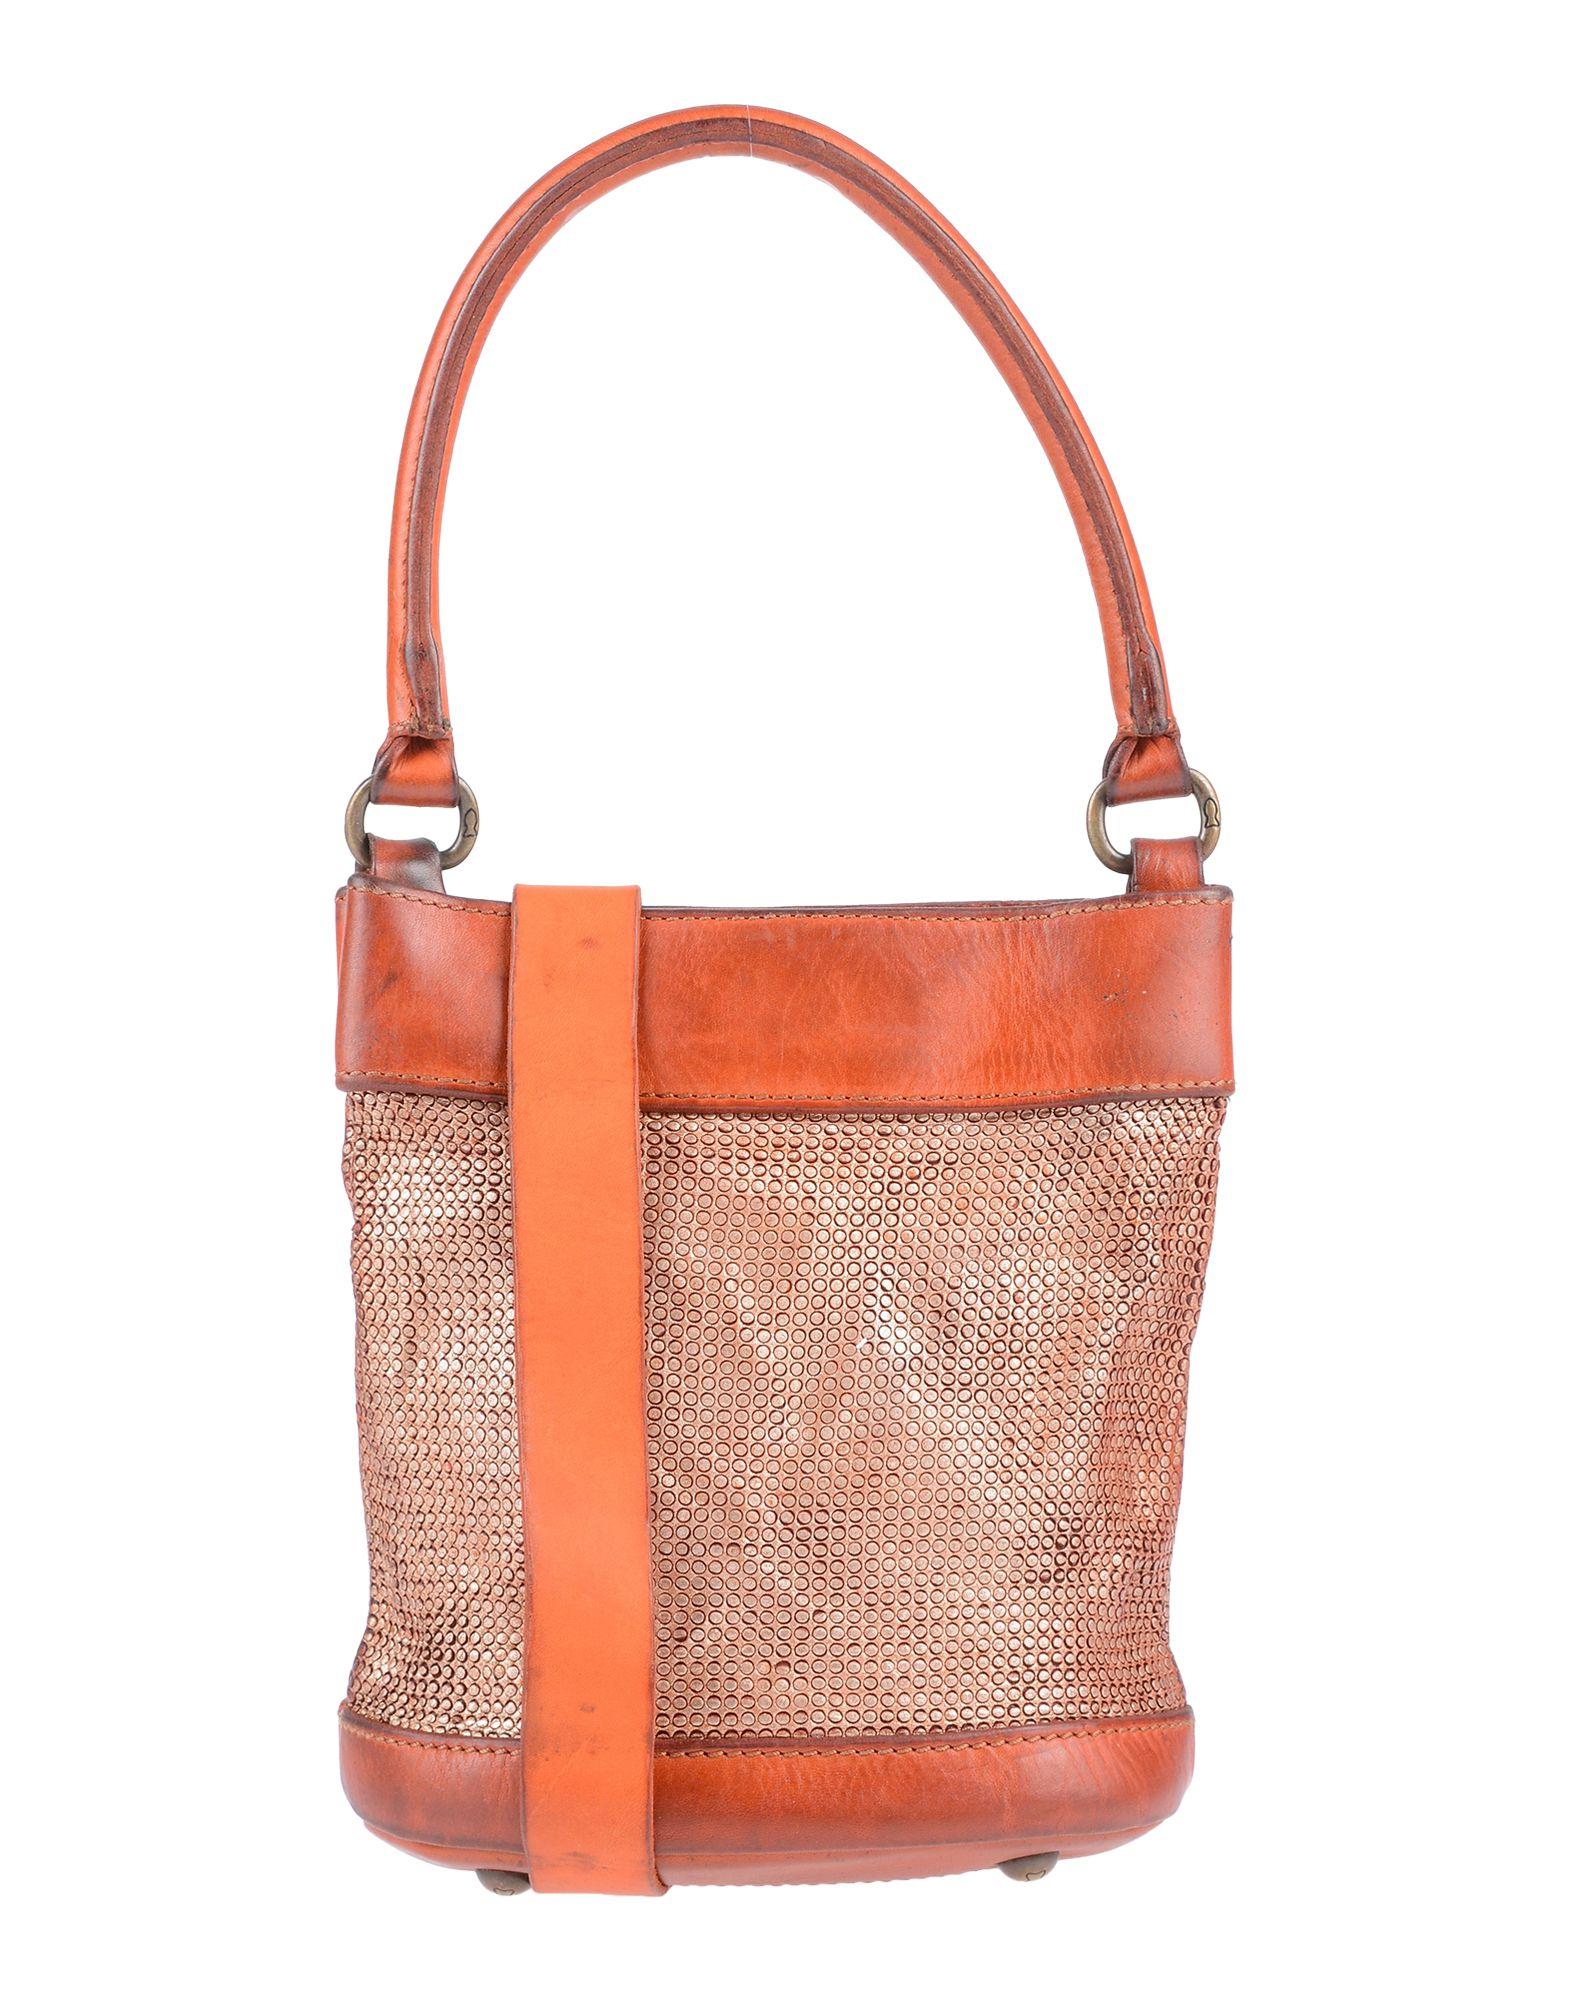 Auf Campomaggi Campomaggi Damen Damen Auf Handtasche Campomaggi Handtasche Handtaschen Handtasche Handtaschen 0Nm8nw